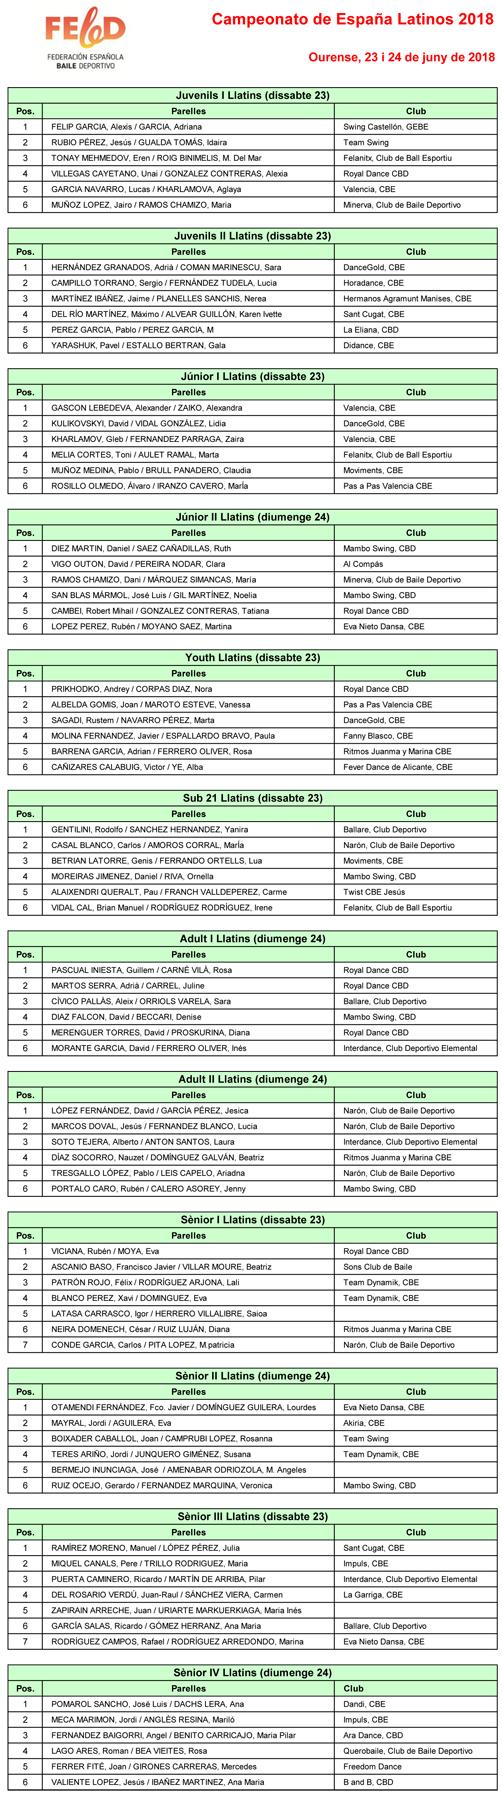 Resultats Campionat d'Espanya 2018 Llatins  | Federació Catalana de Ball Esportiu